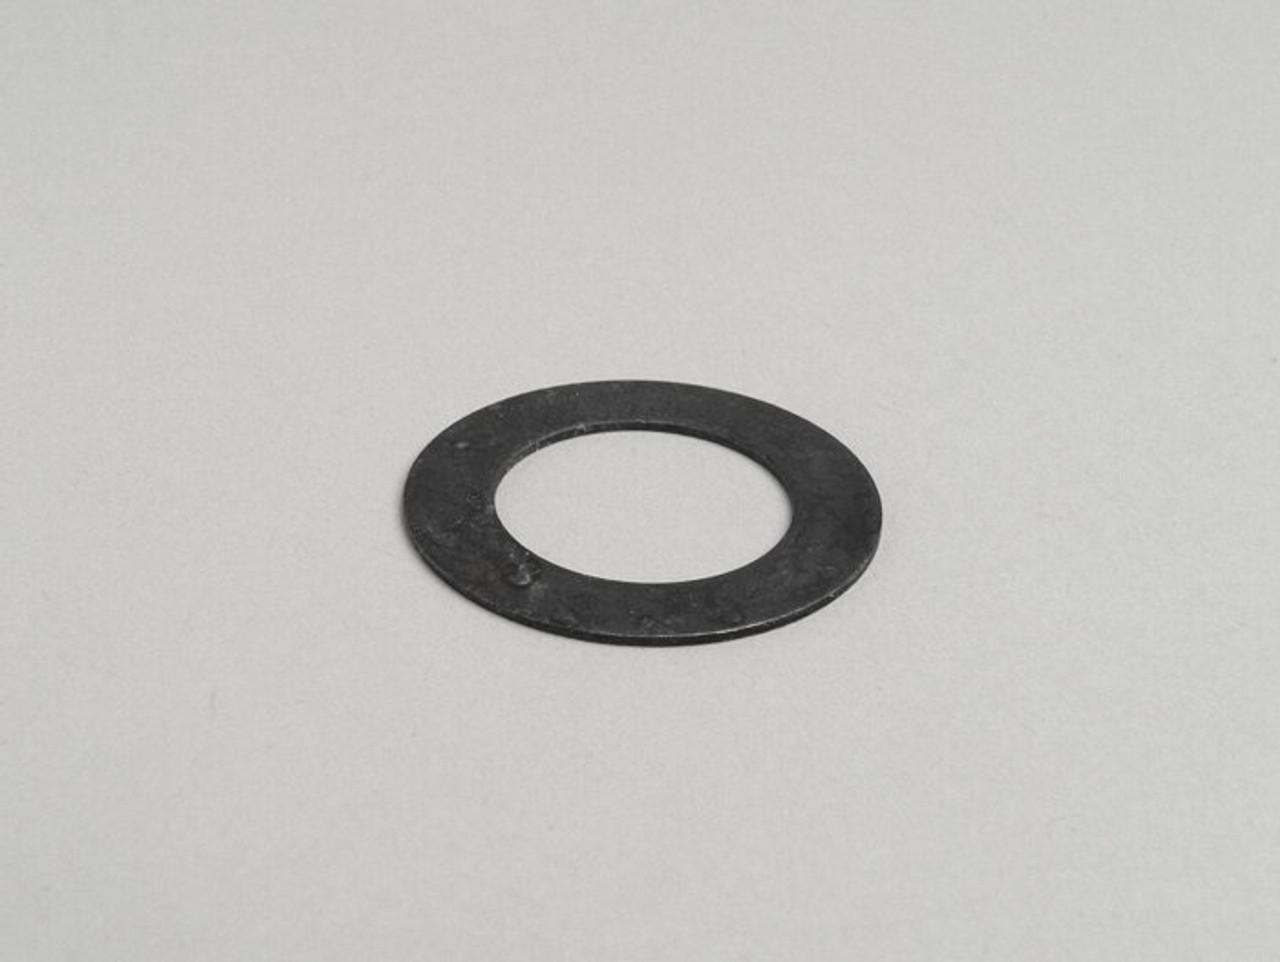 Lambretta Kickstart Shaft Shim Casa - 1mm (L0-13-8004151)